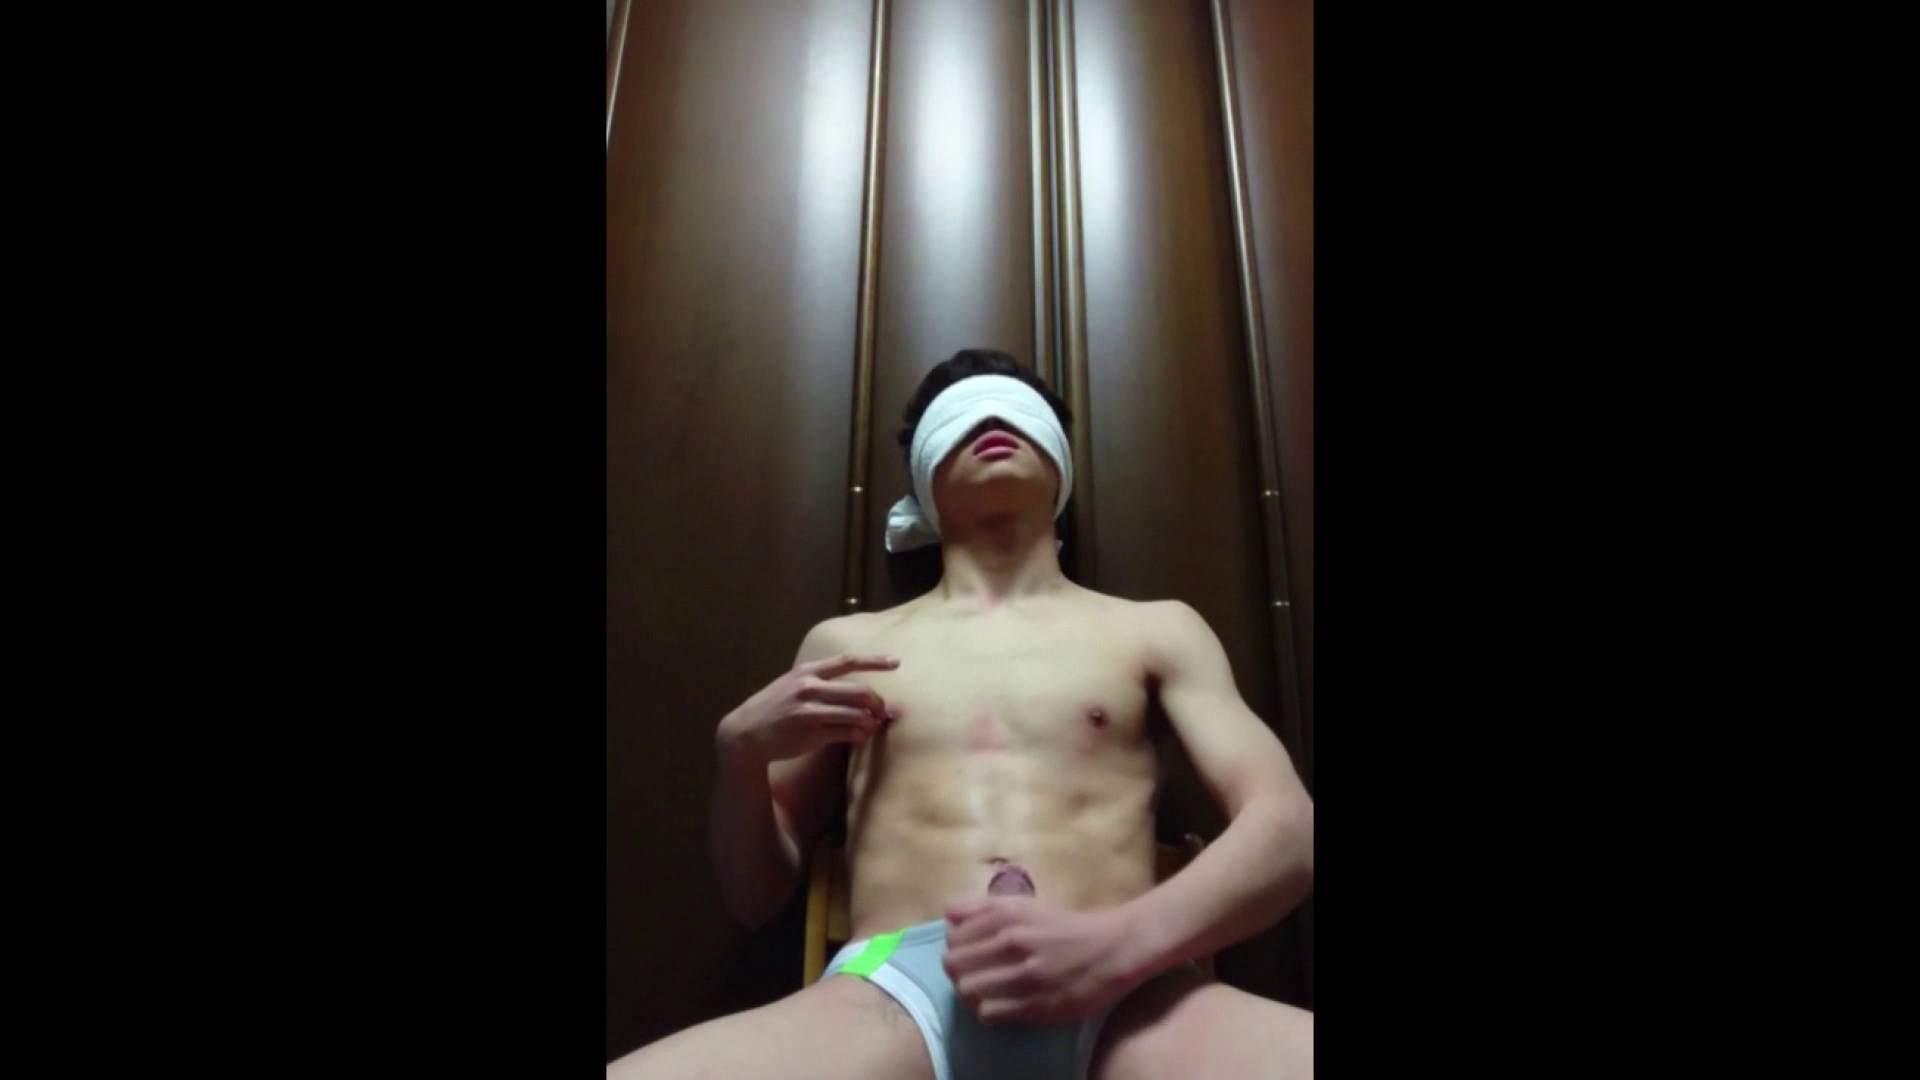 個人撮影 自慰の極意 Vol.21 個人撮影 | 手コキ ゲイエロ動画 93pic 81